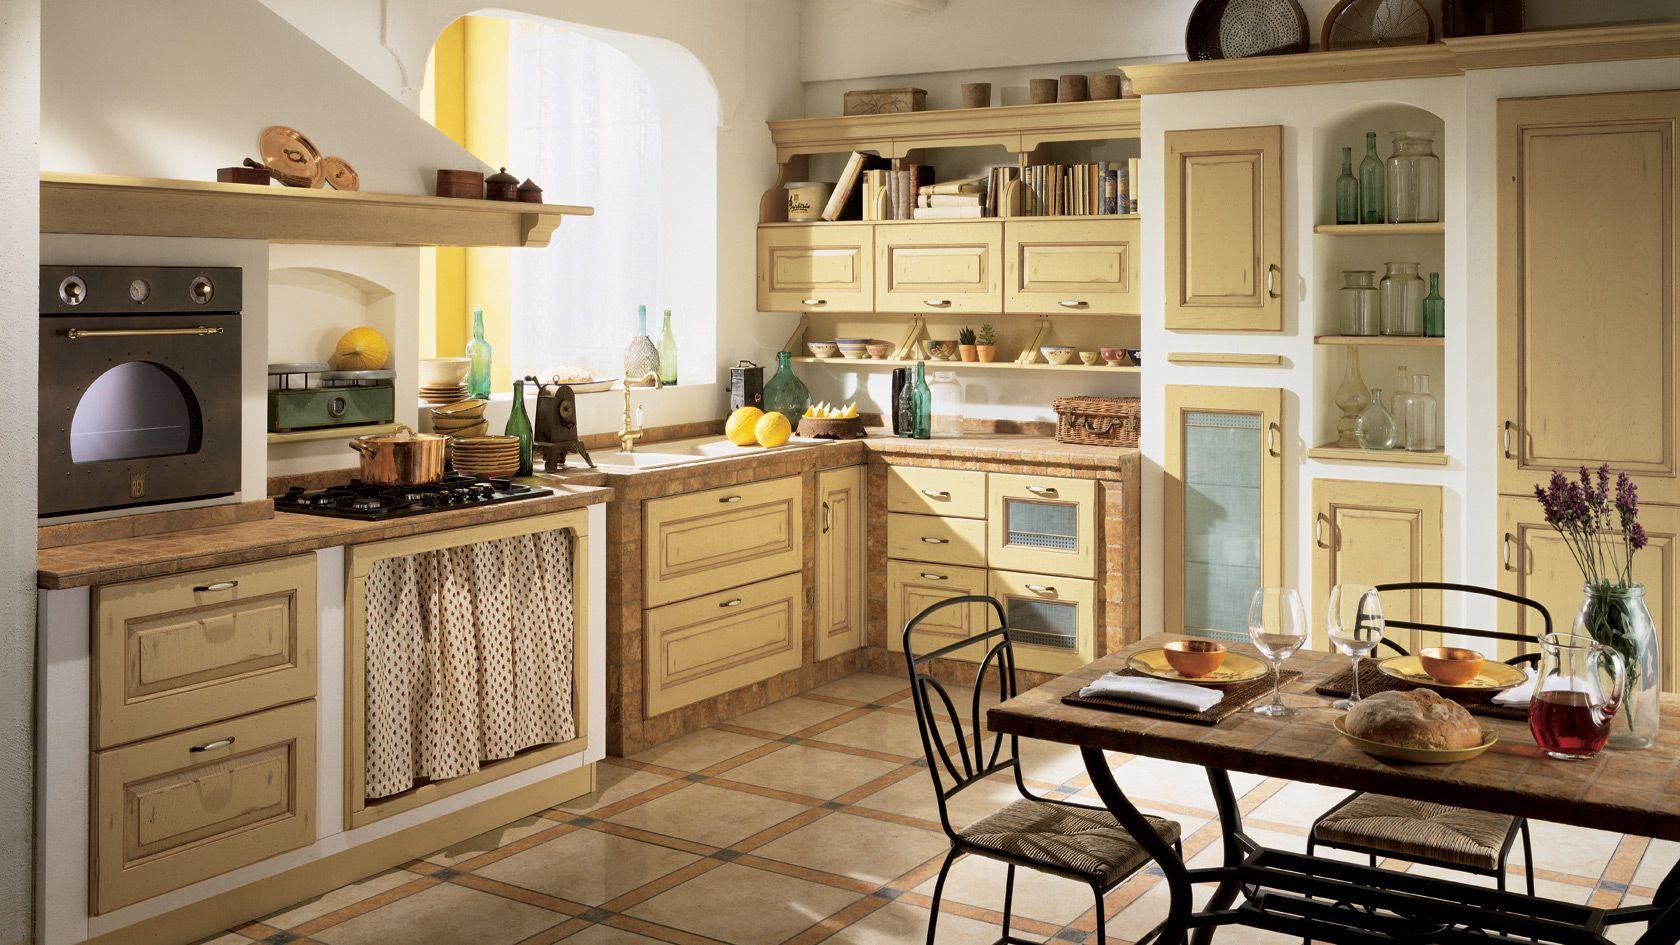 Cucina tradizionale Belvedere | Sito ufficiale Scavolini | kuhinje ...